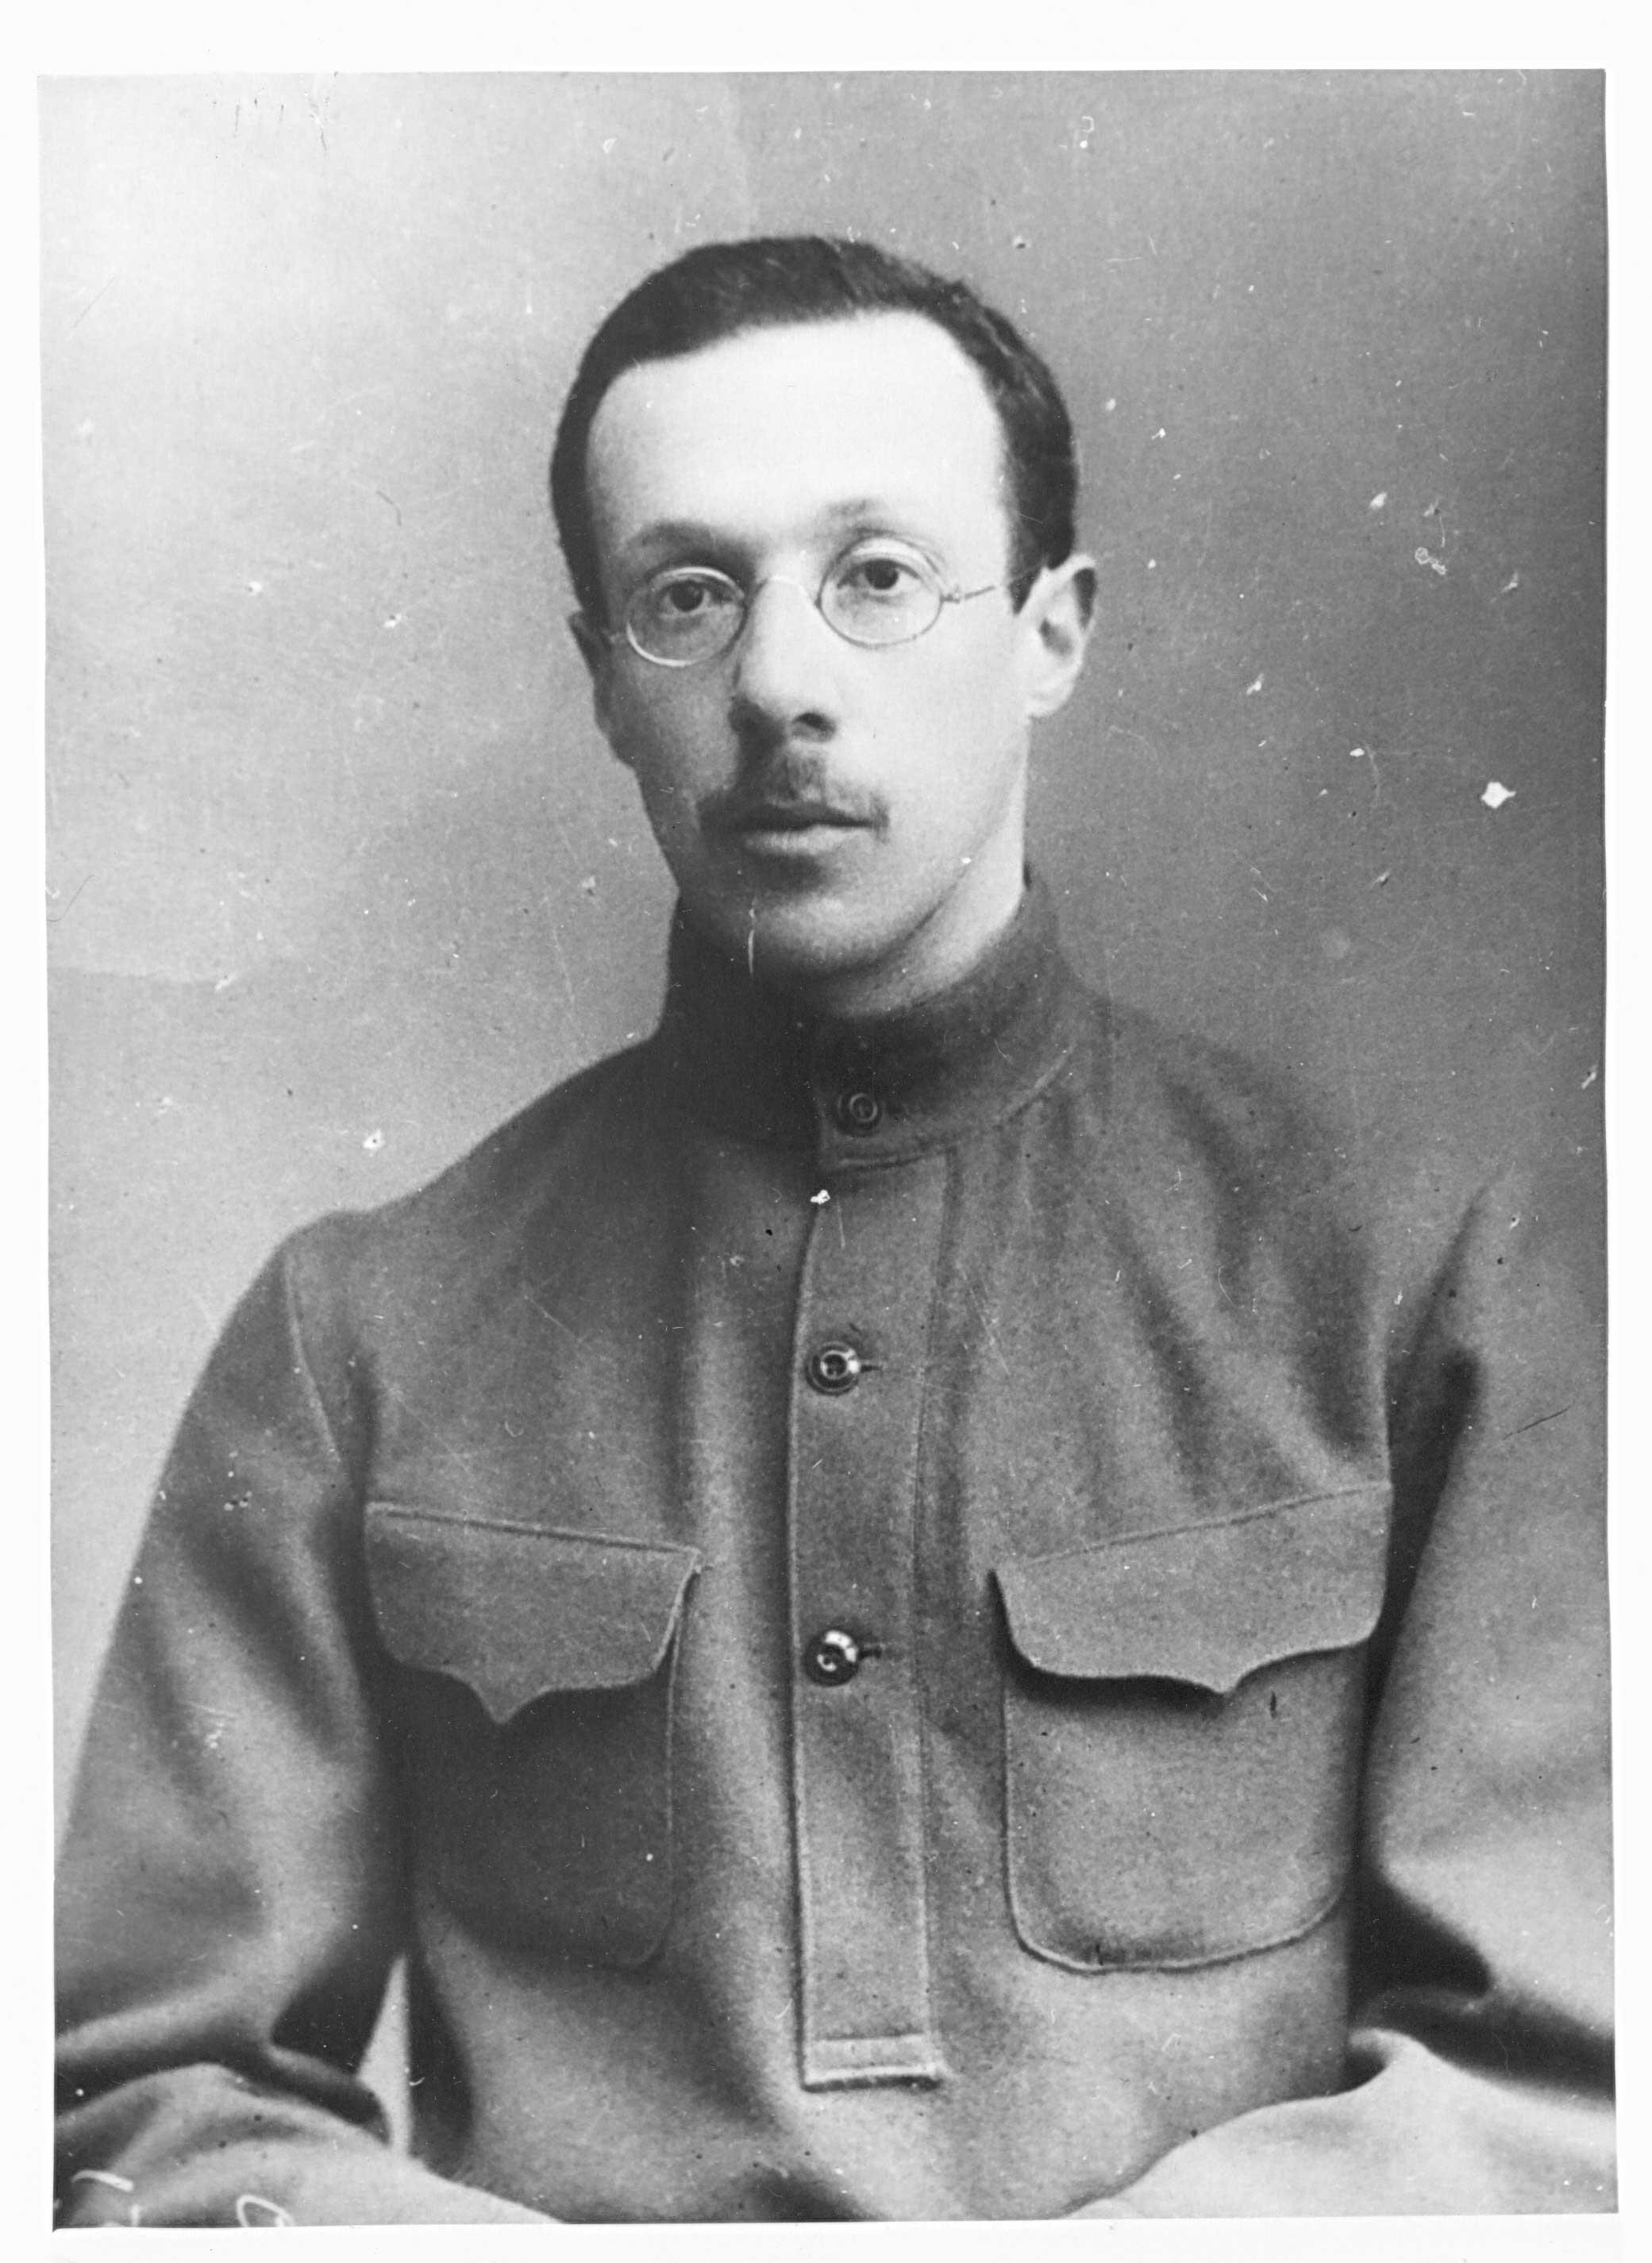 Photo: Лихтенштадт Владимир Осипович